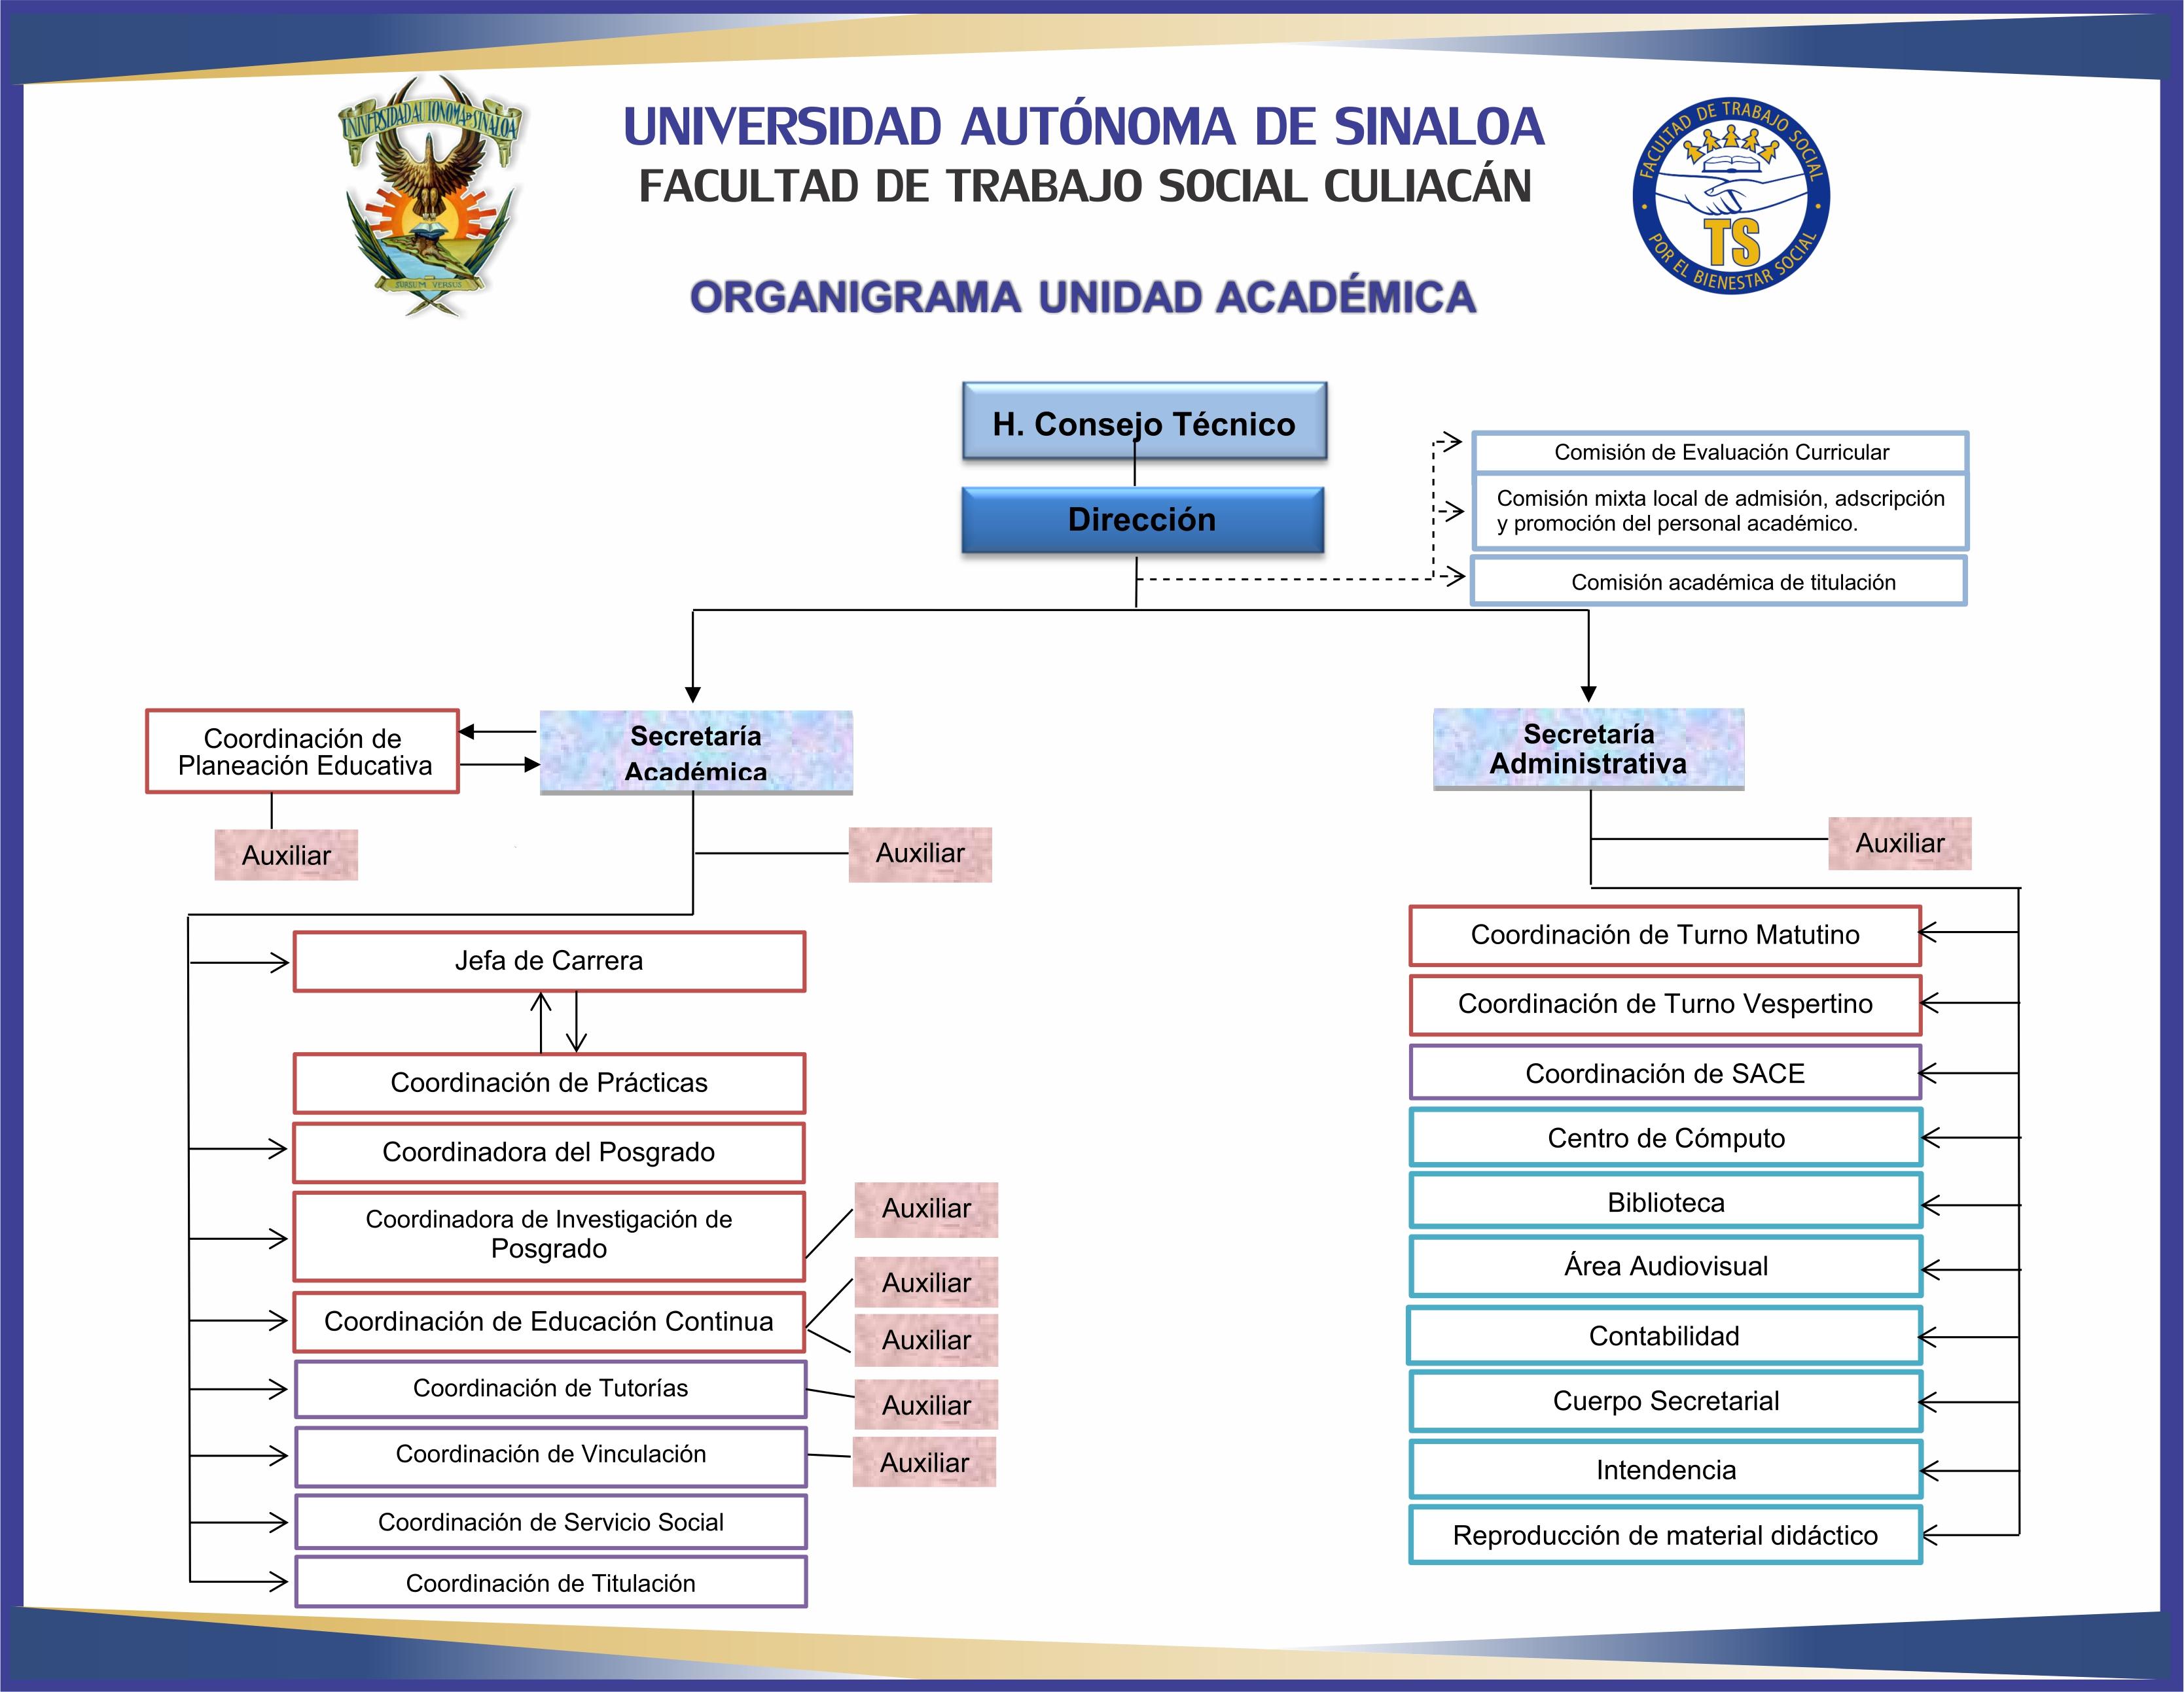 organigrama-de-la-facultad-2019